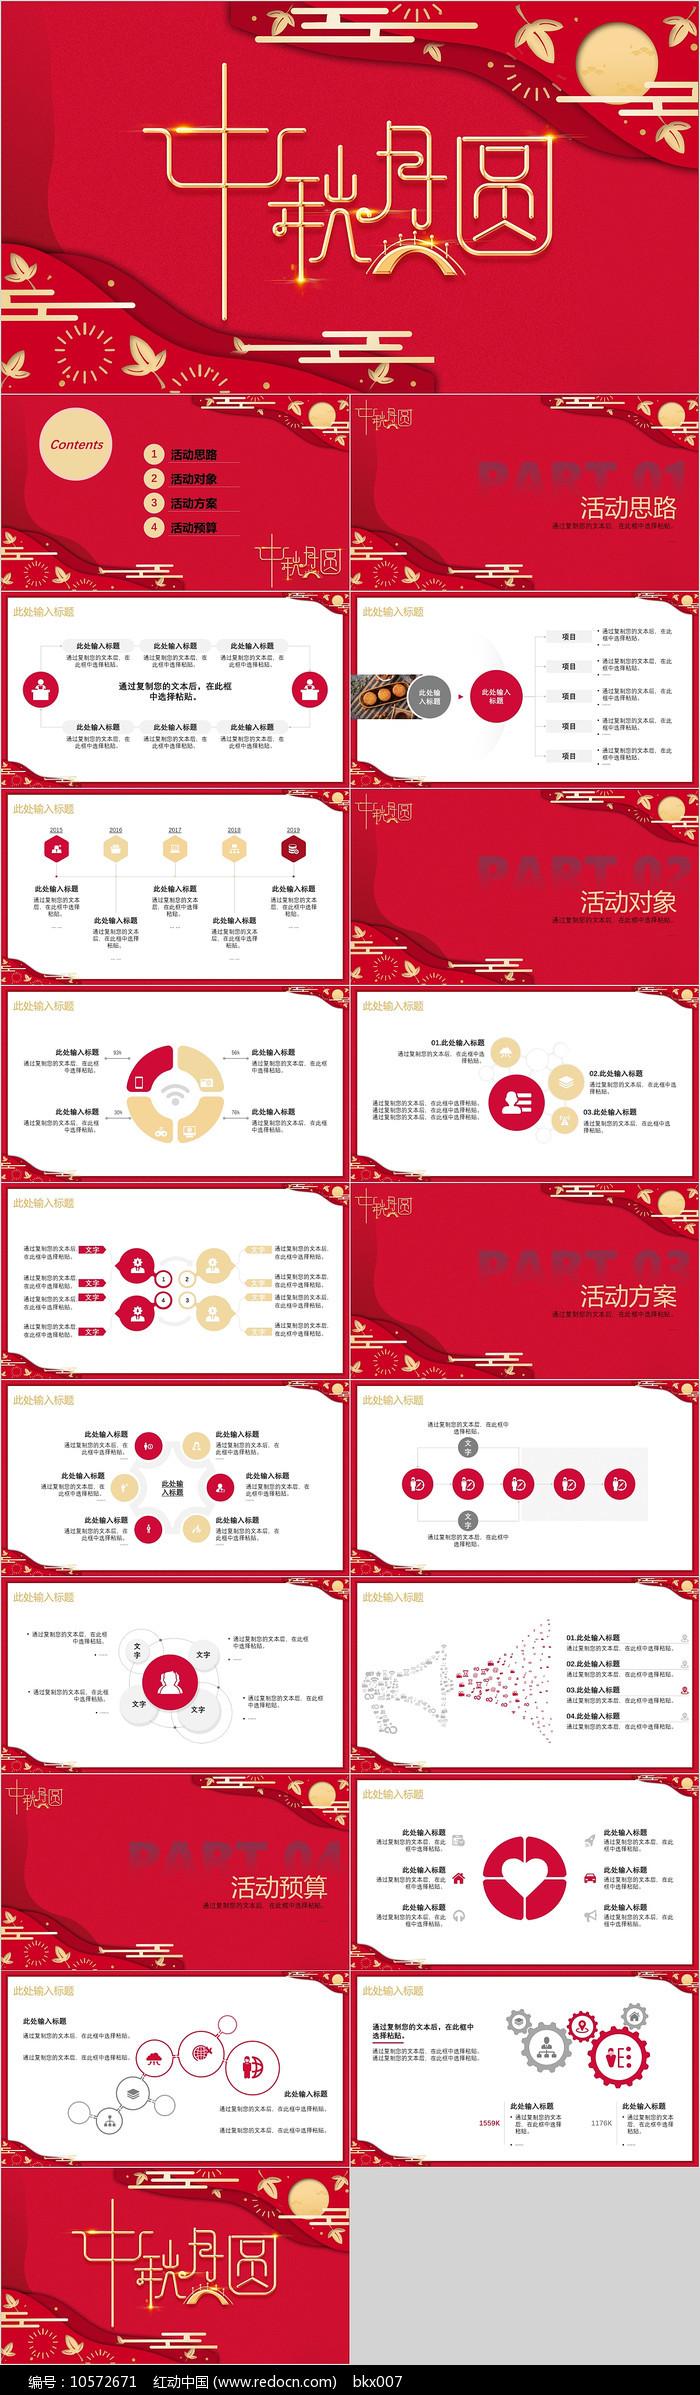 中秋节活动策划PPT模板图片